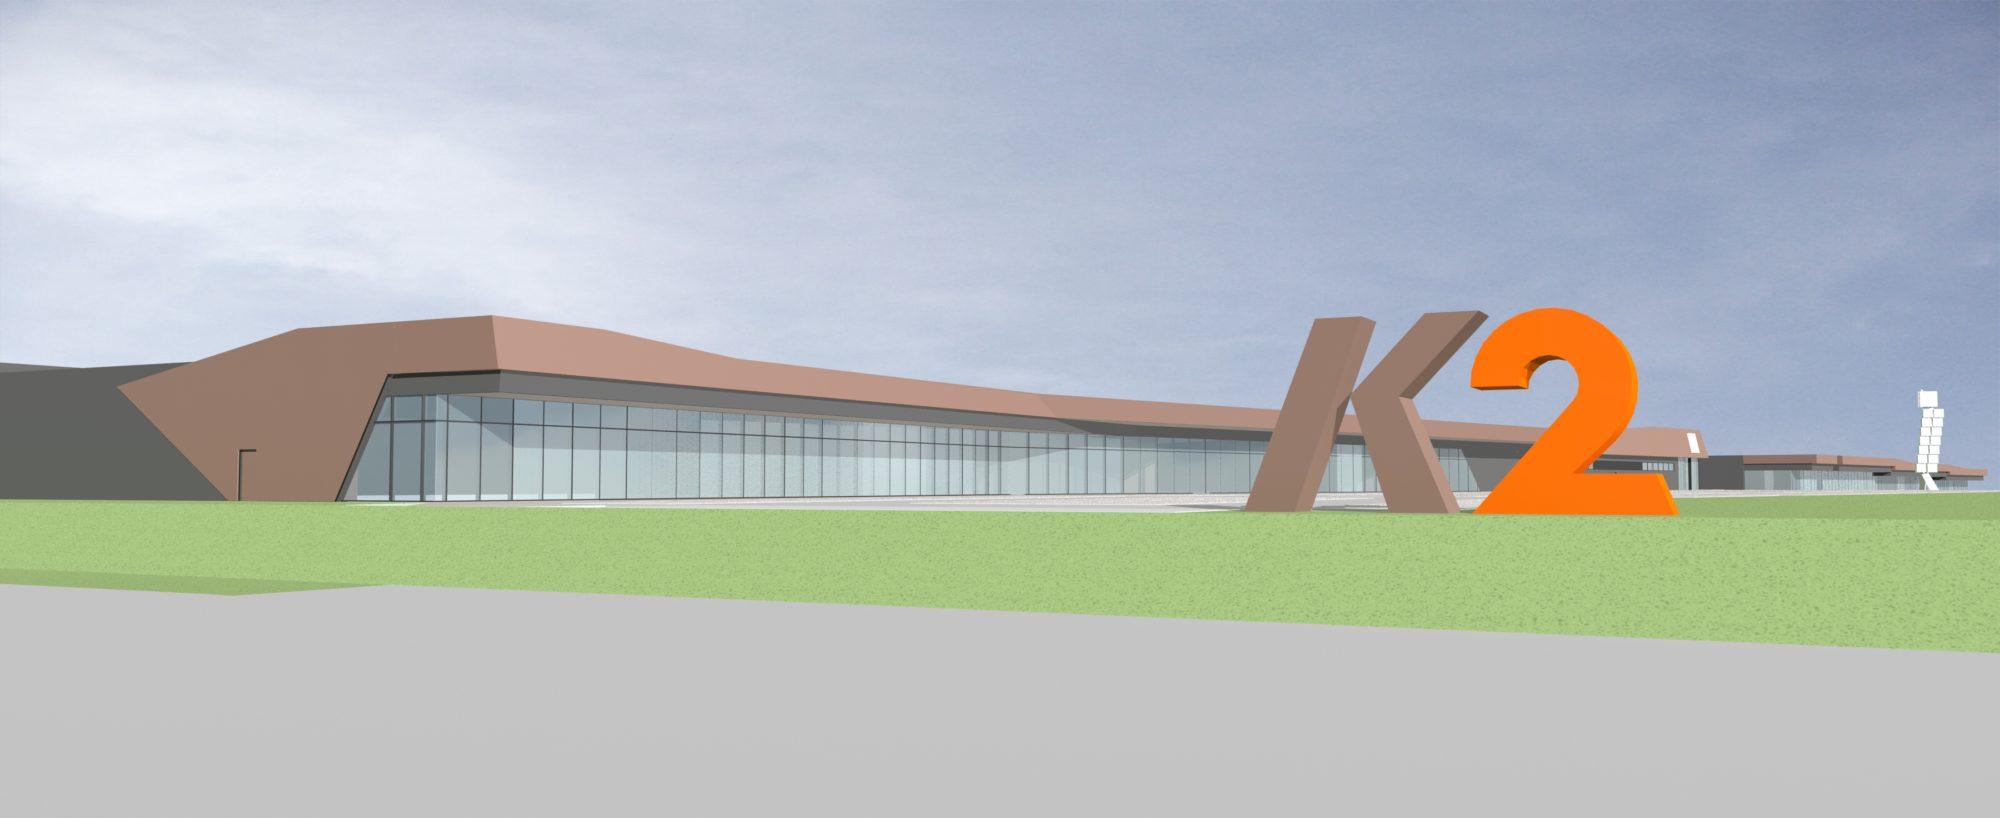 FMZ Kittsee II